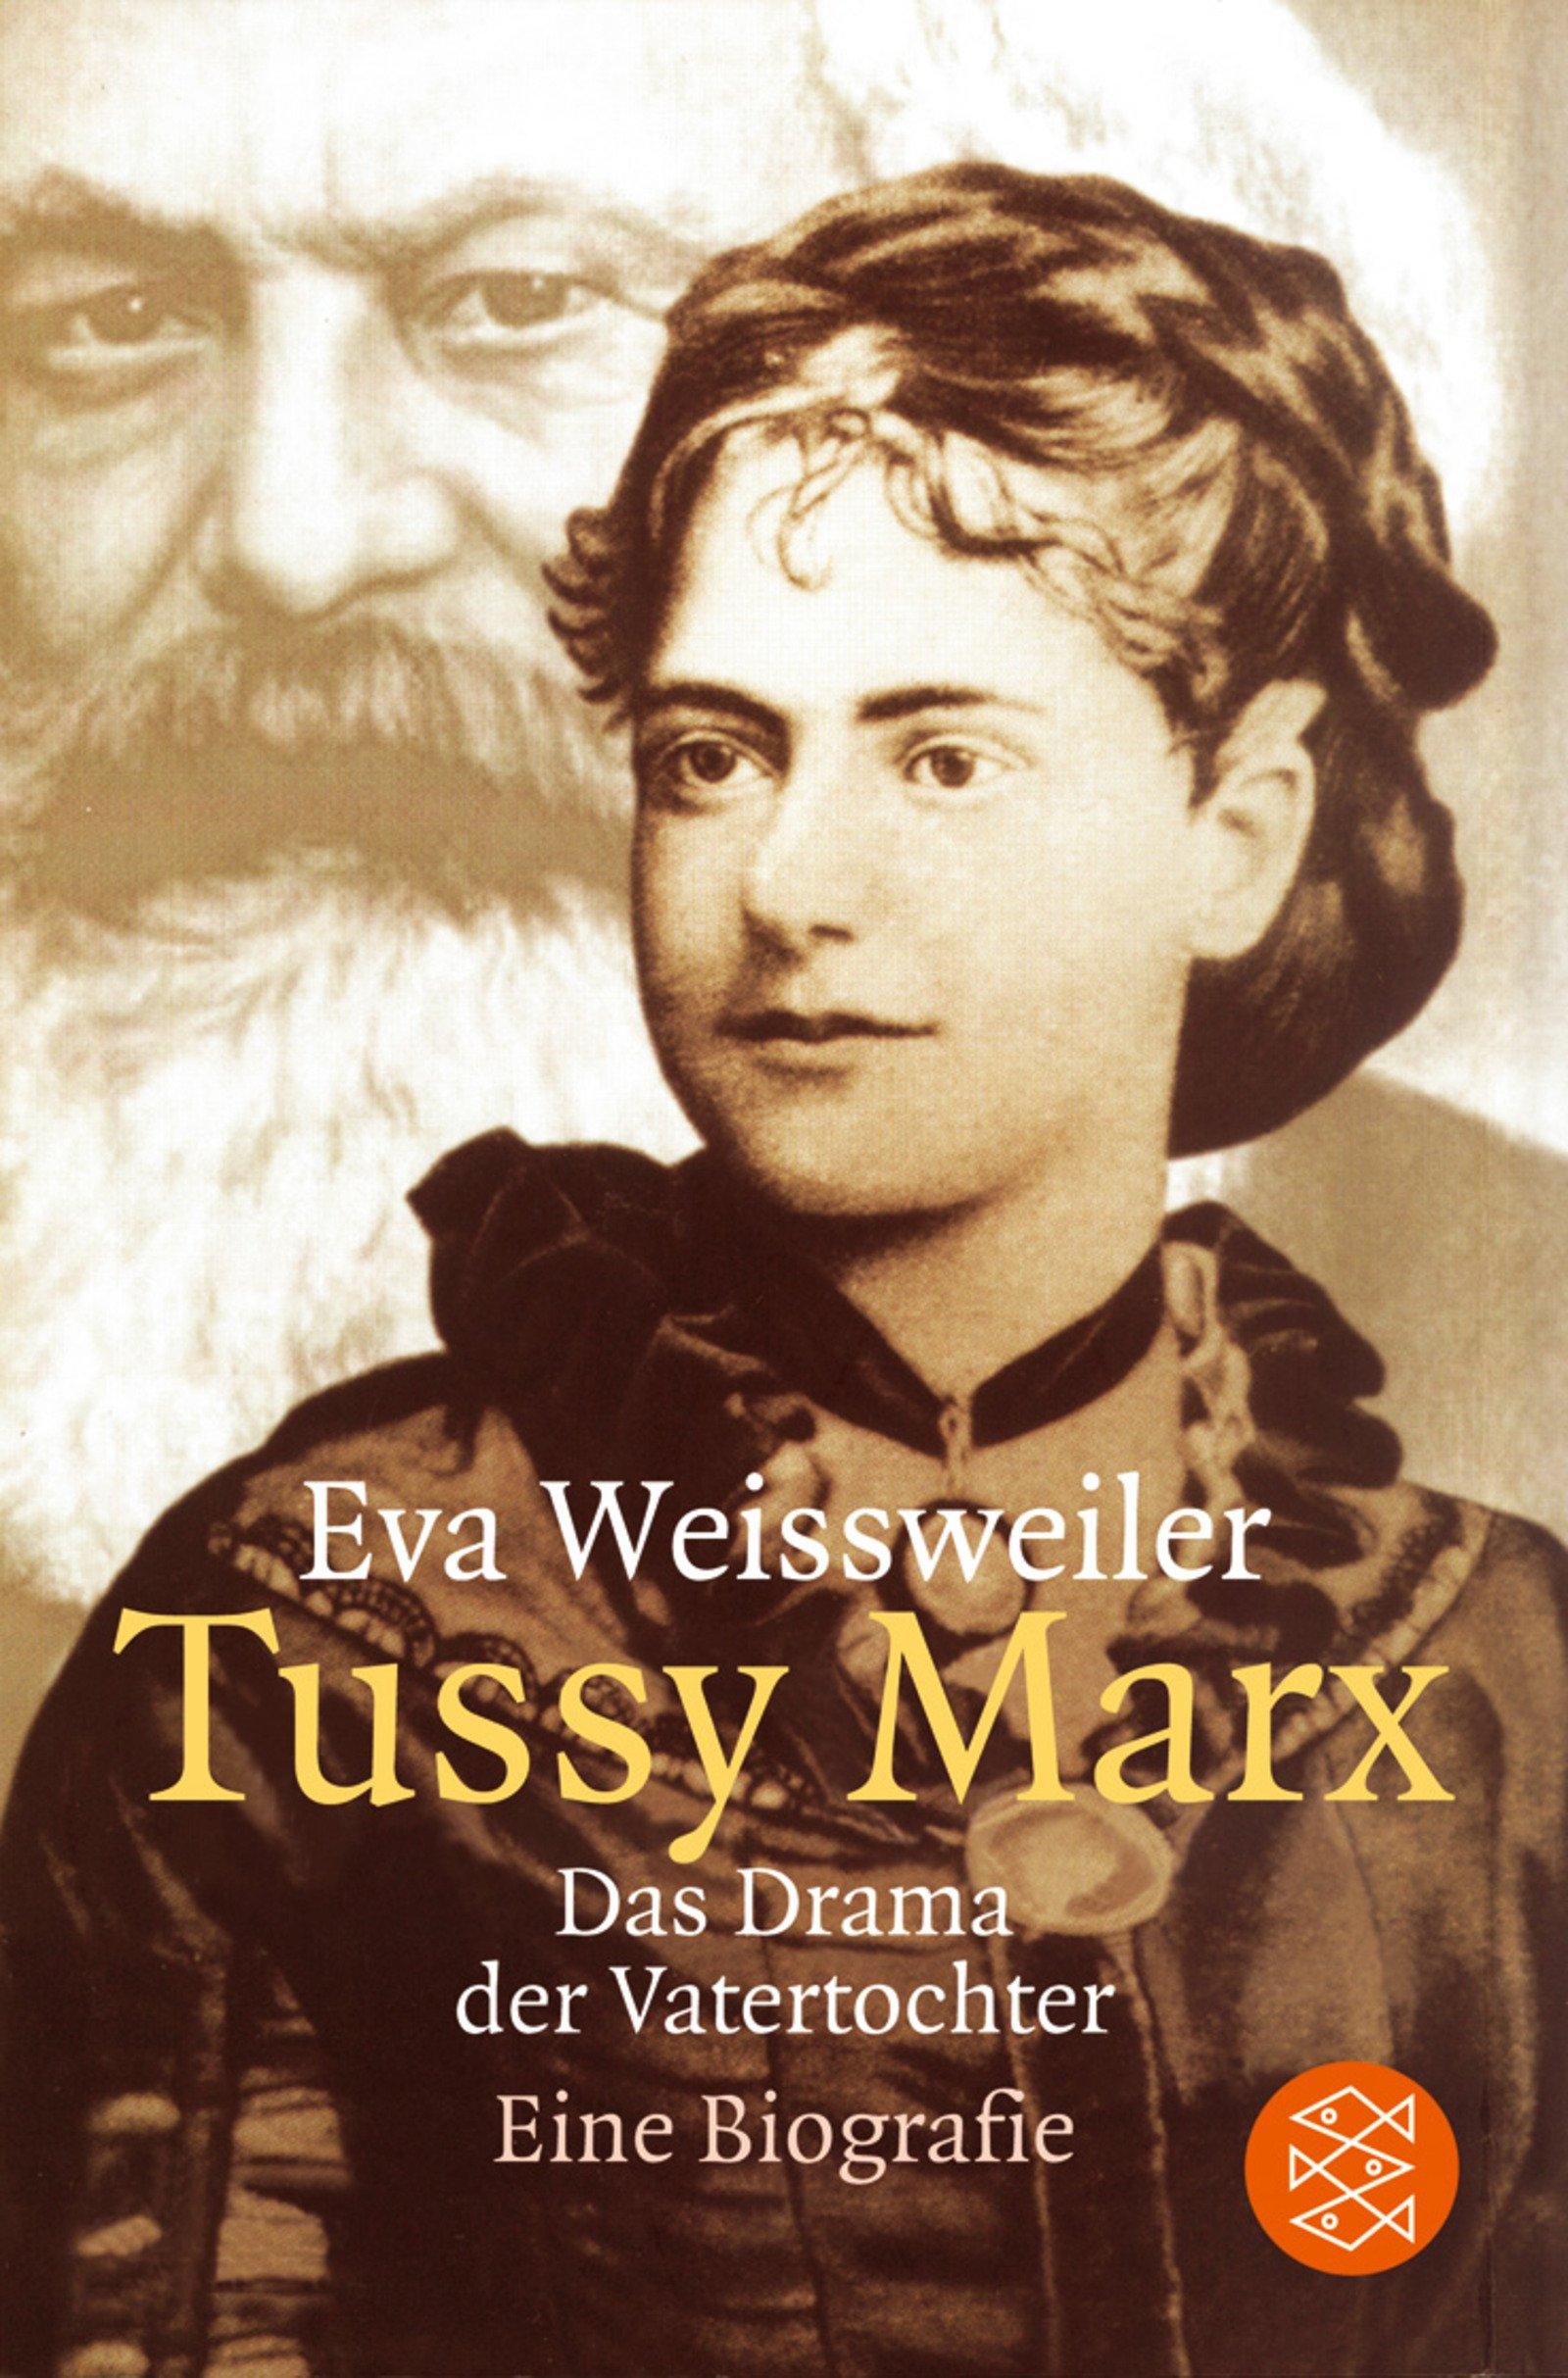 Tussy Marx: Das Drama der Vatertochter. Eine Biographie Taschenbuch – 28. Juli 2004 Eva Weissweiler Fischer Taschenbuch Verlag 3596159989 Geschichte / Neuzeit